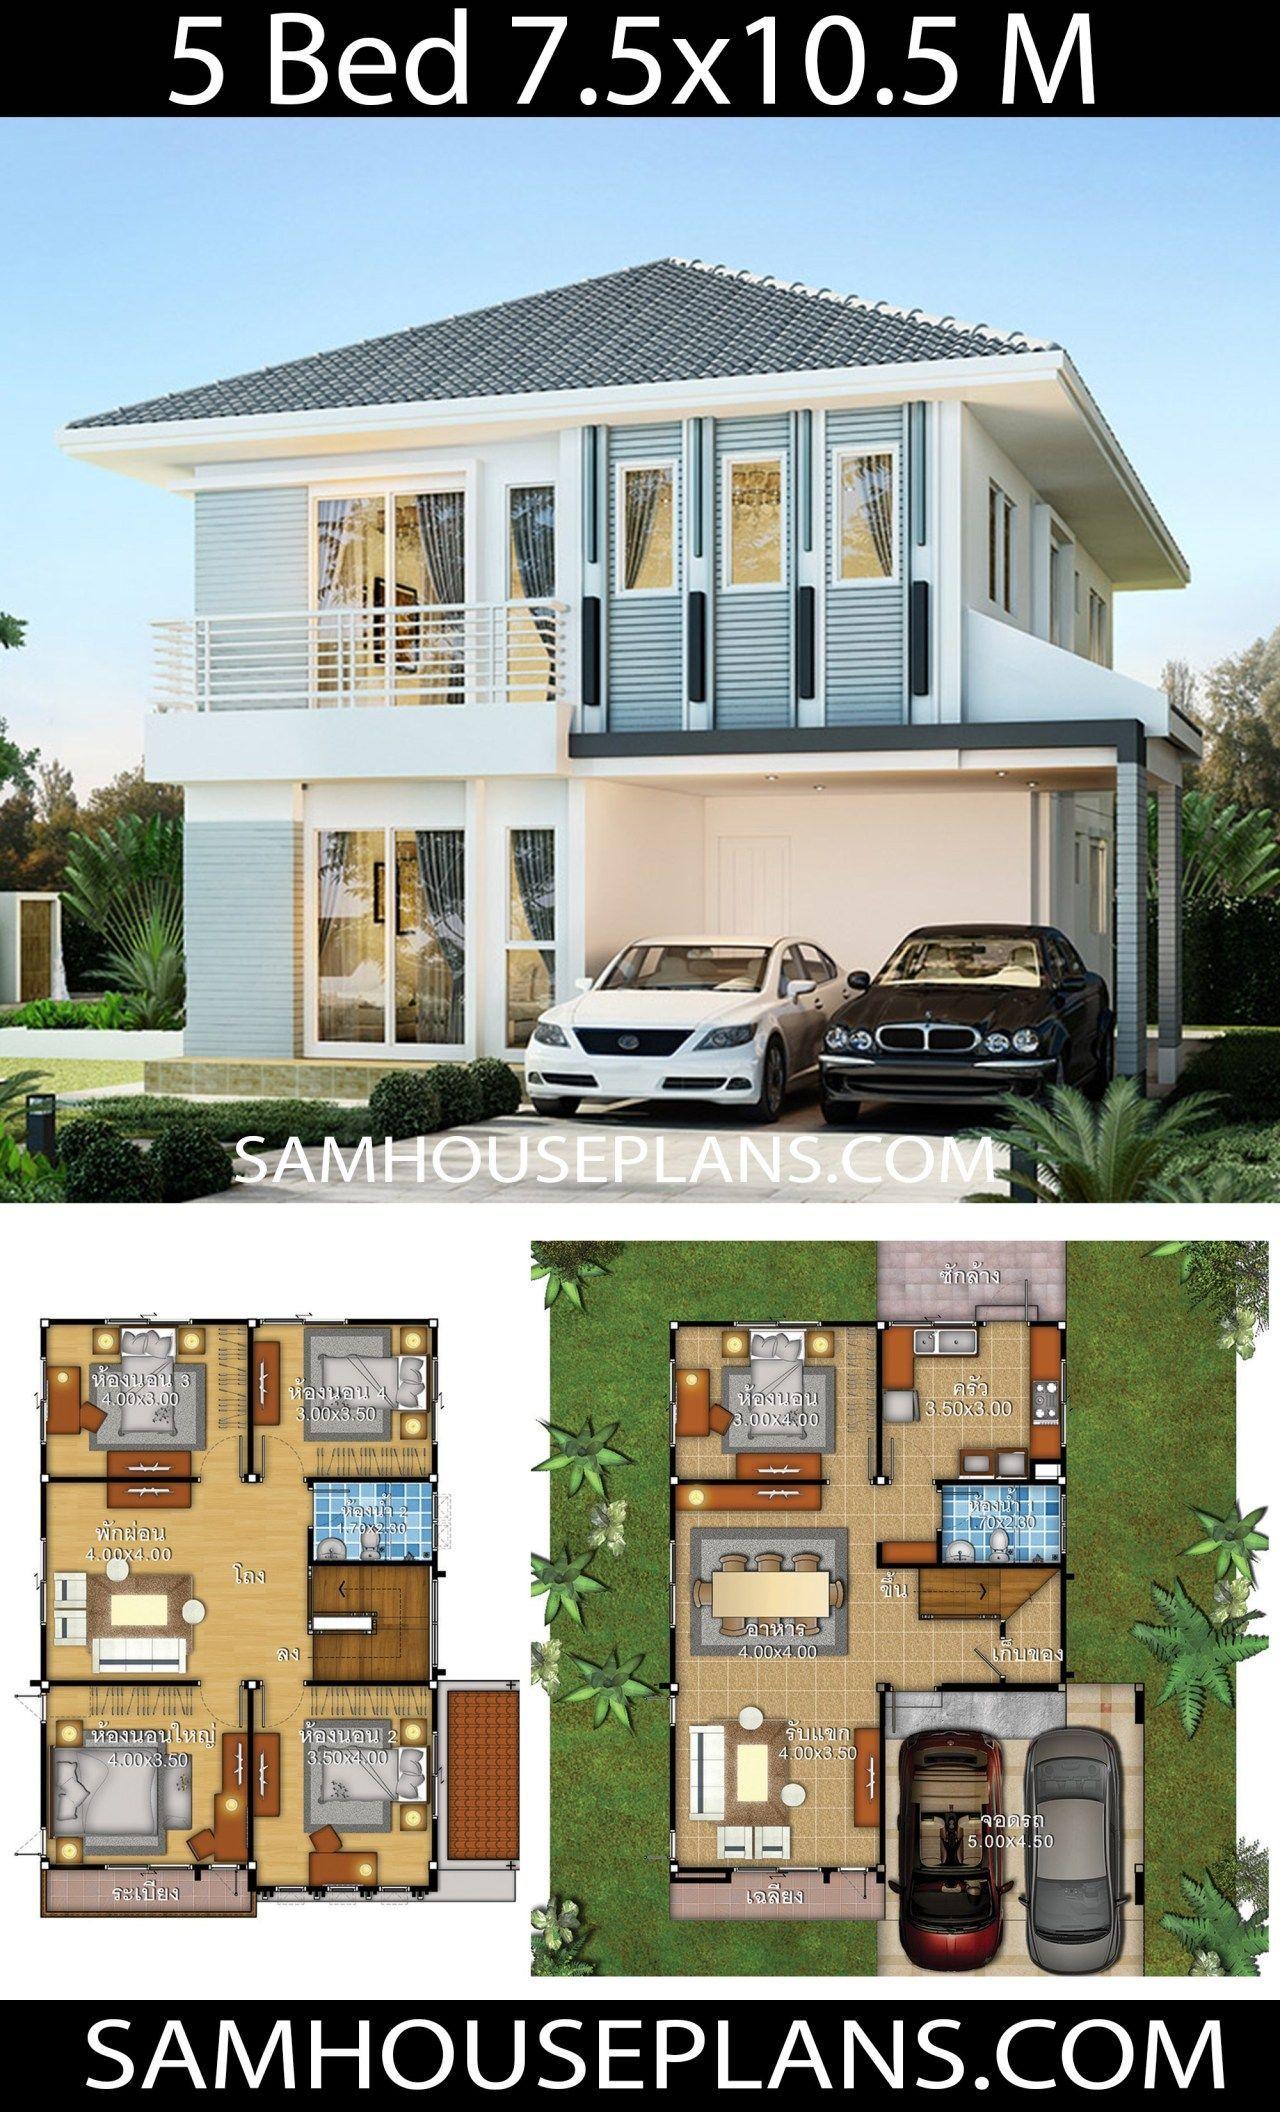 House Idea 7 5x10 5 With 5 Bedrooms Sam House Plans Duplex House Design Home Building Design House Plans